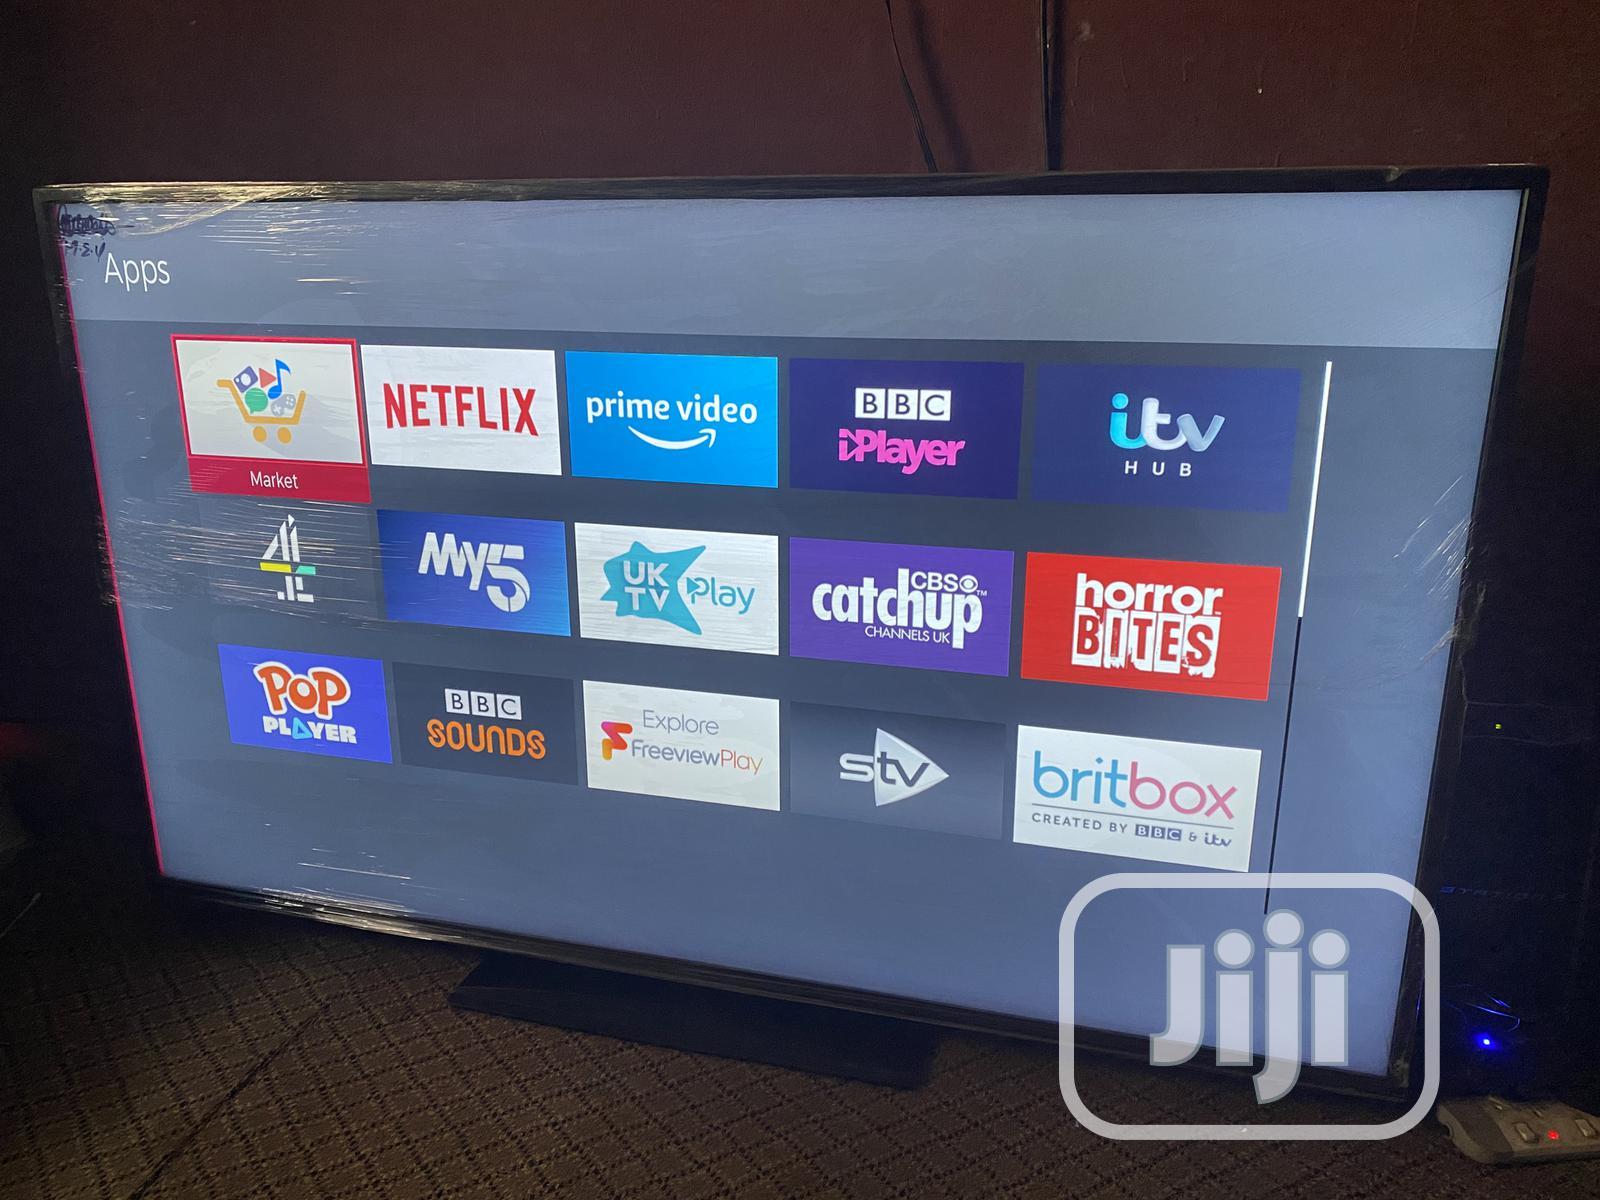 Hitachi 58inch 4K Uhd Hdr LED Smart TV